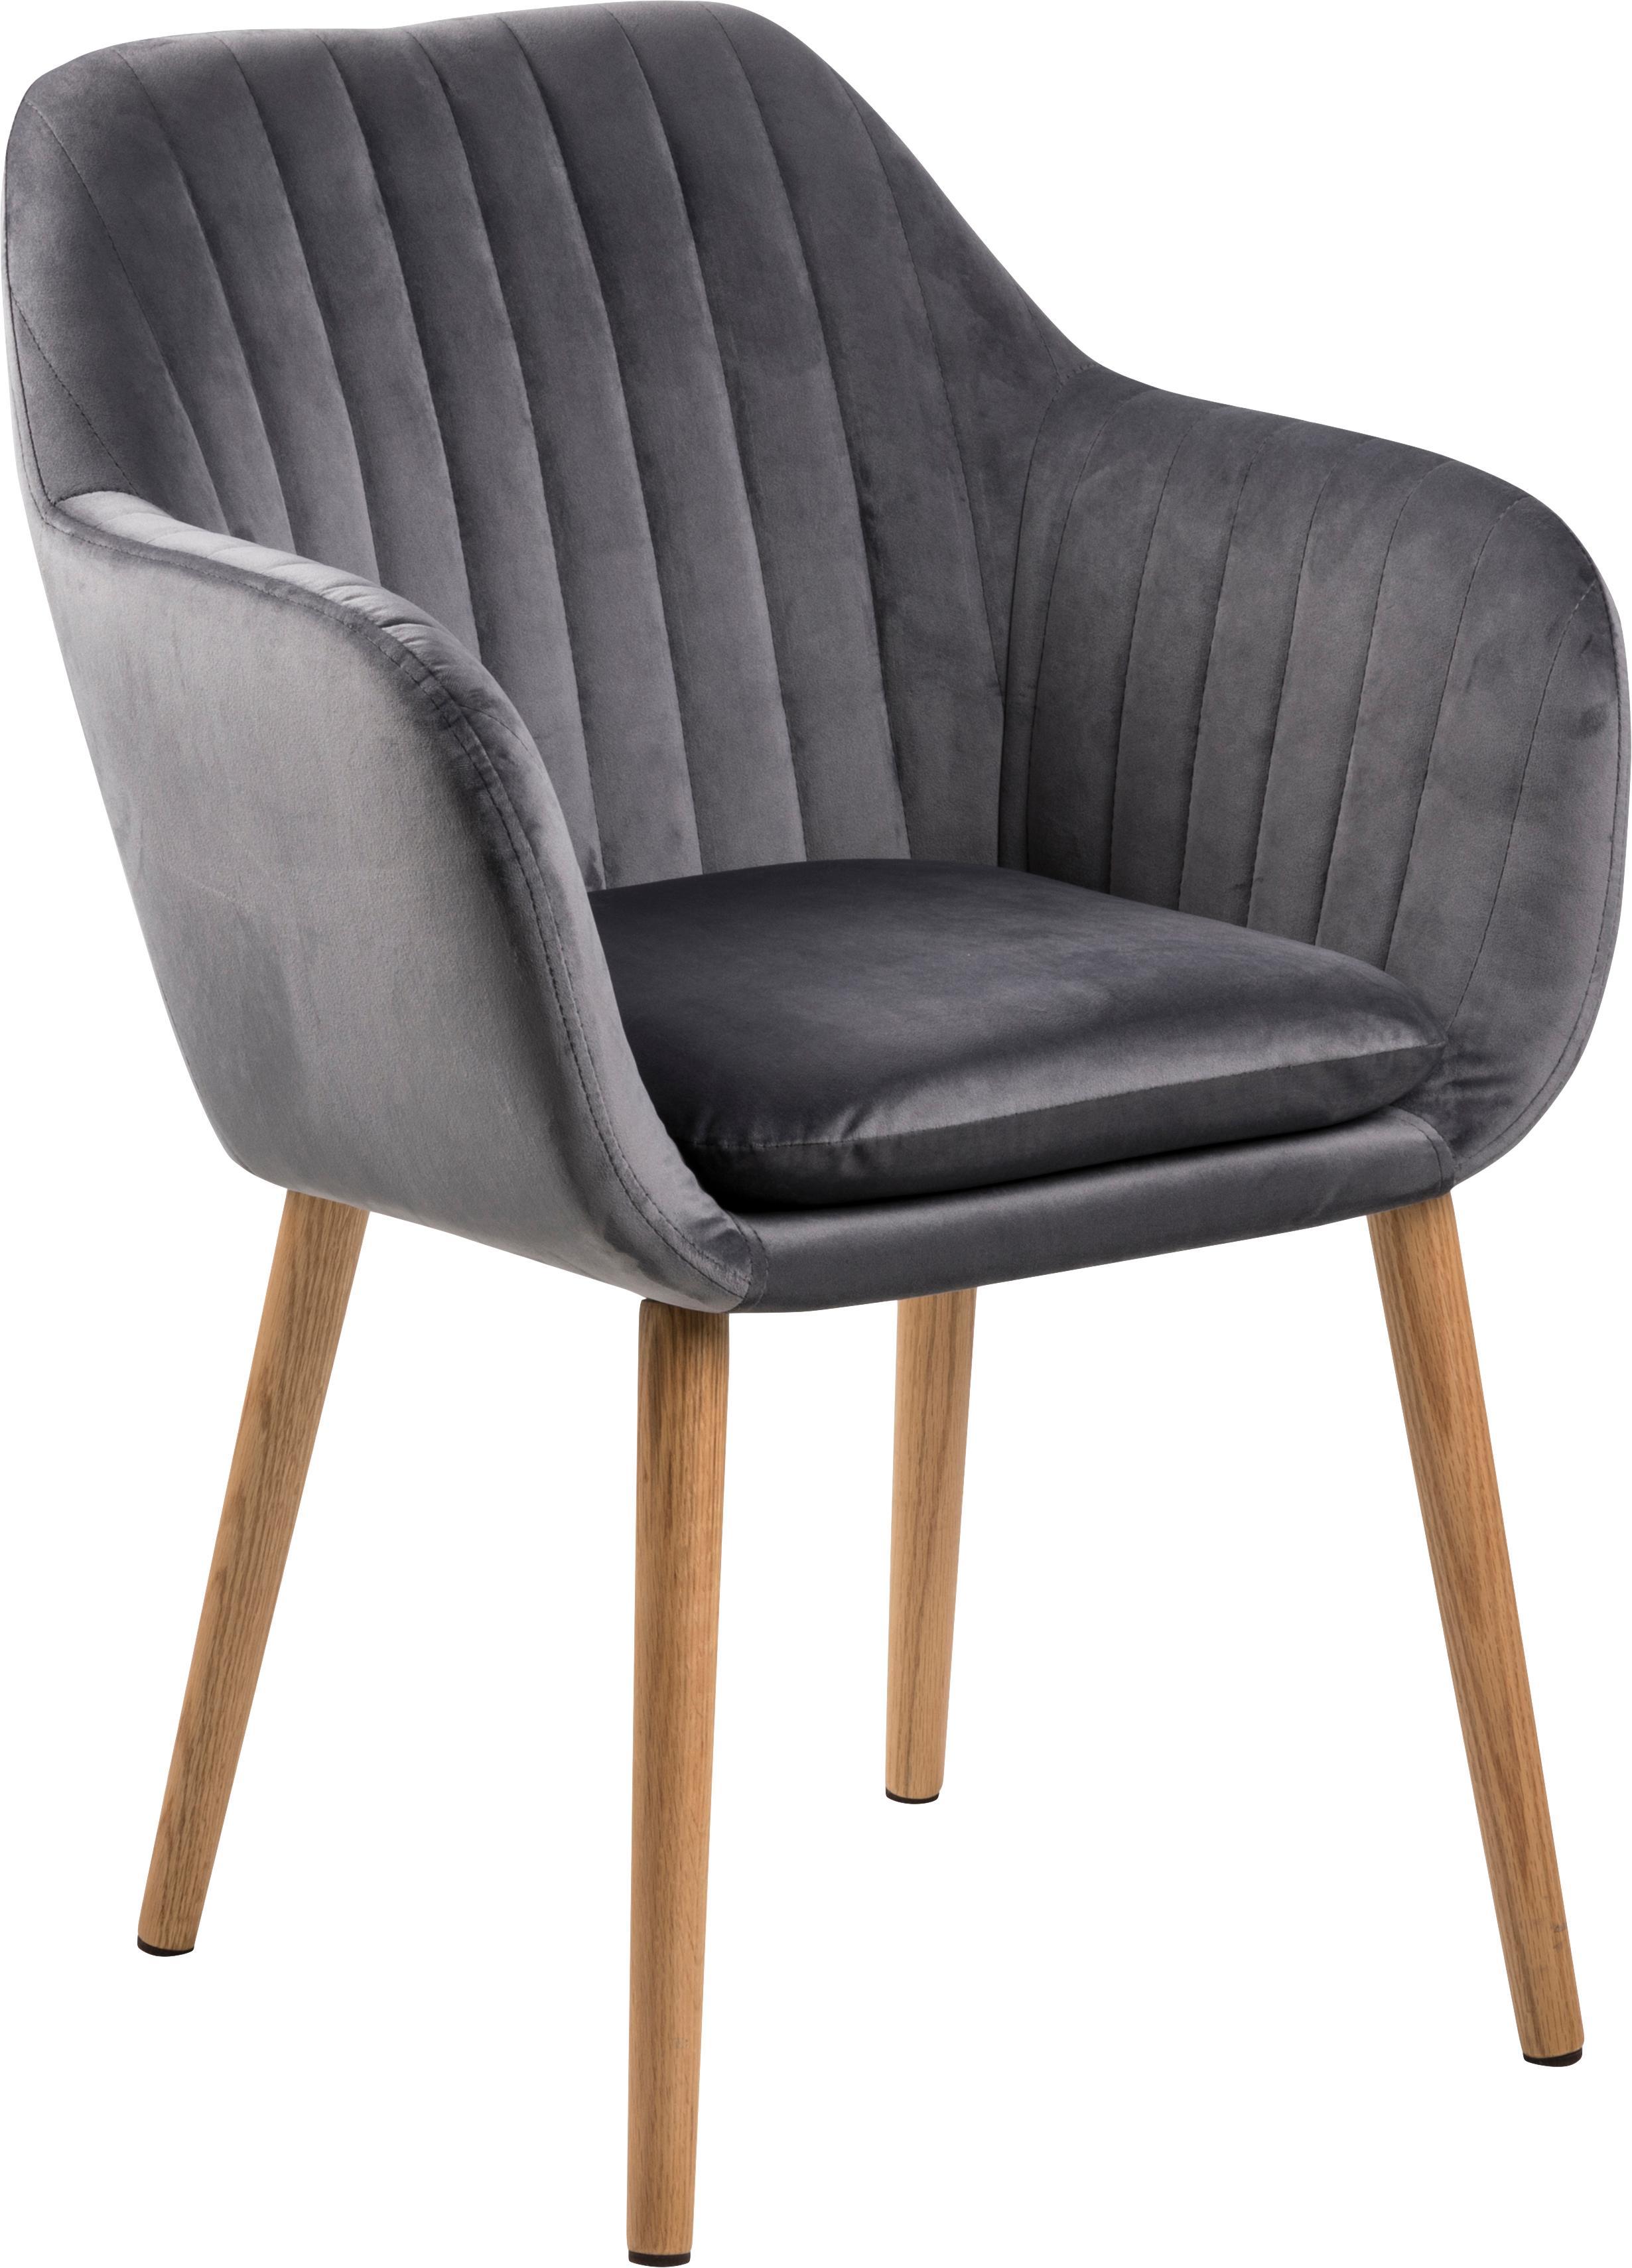 Krzesło z aksamitu z podłokietnikami Emilia, Tapicerka: poliester (aksamit), Nogi: drewno dębowe, olejowane , Aksamit ciemny szary, nogi: czarny, S 57 x G 59 cm